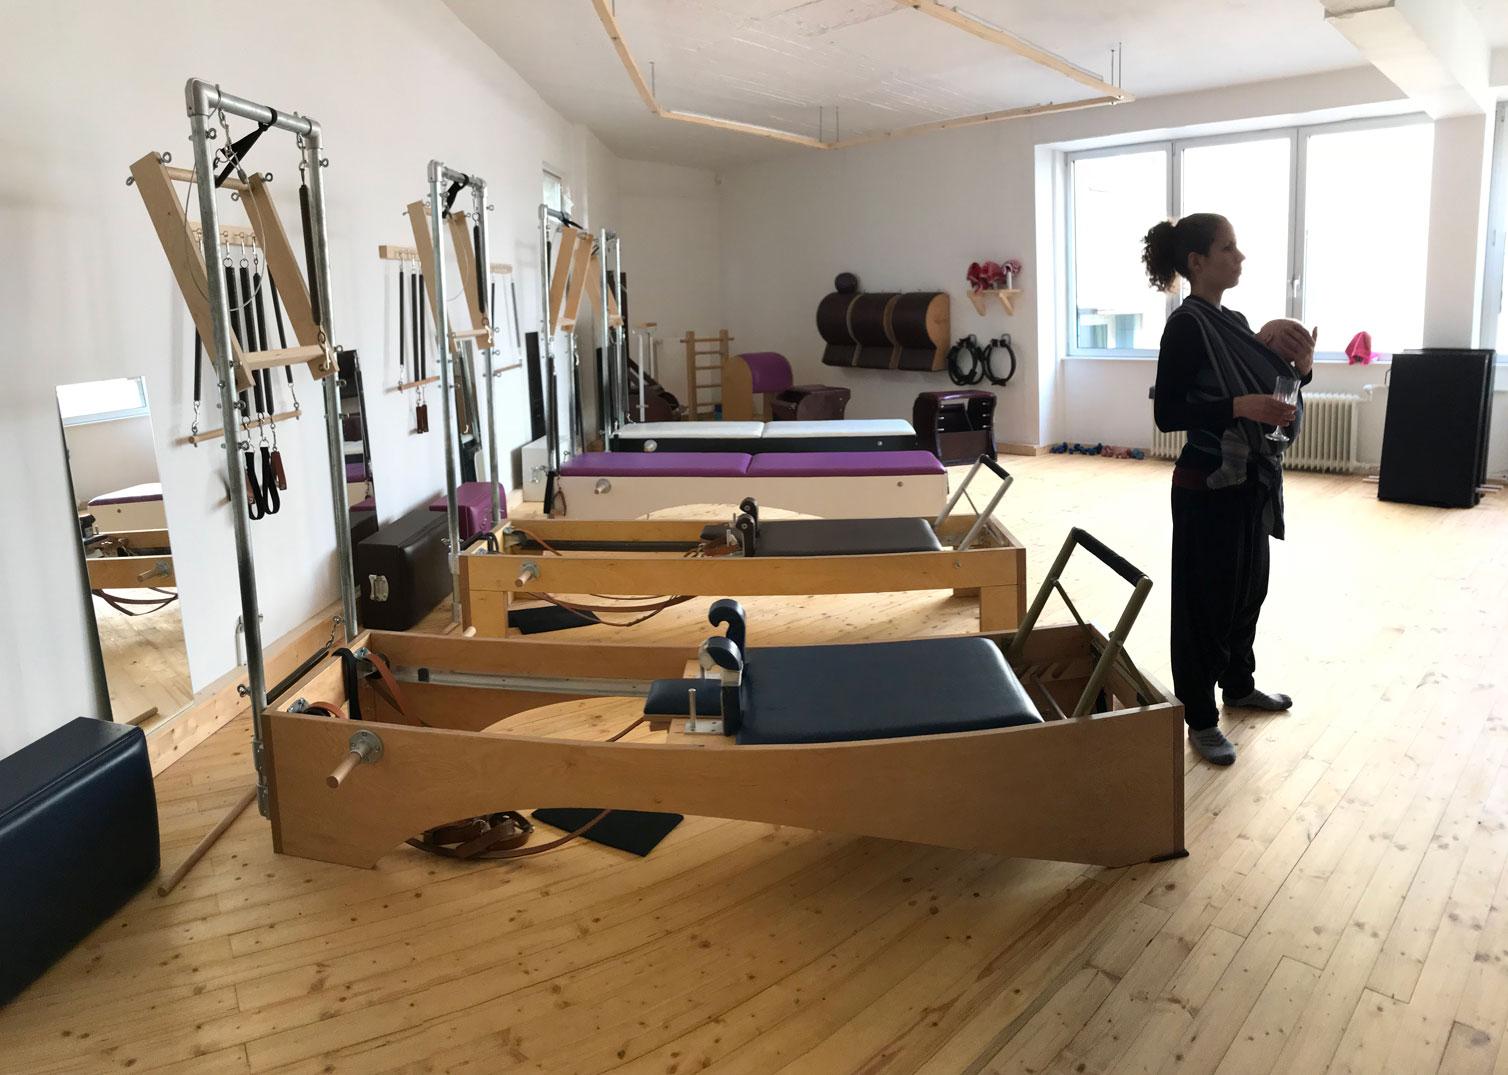 Das schöne Pilates Studio Moving Pilates von Katharin Leitheiser (im Bild mit ihrem Nachwuchs)